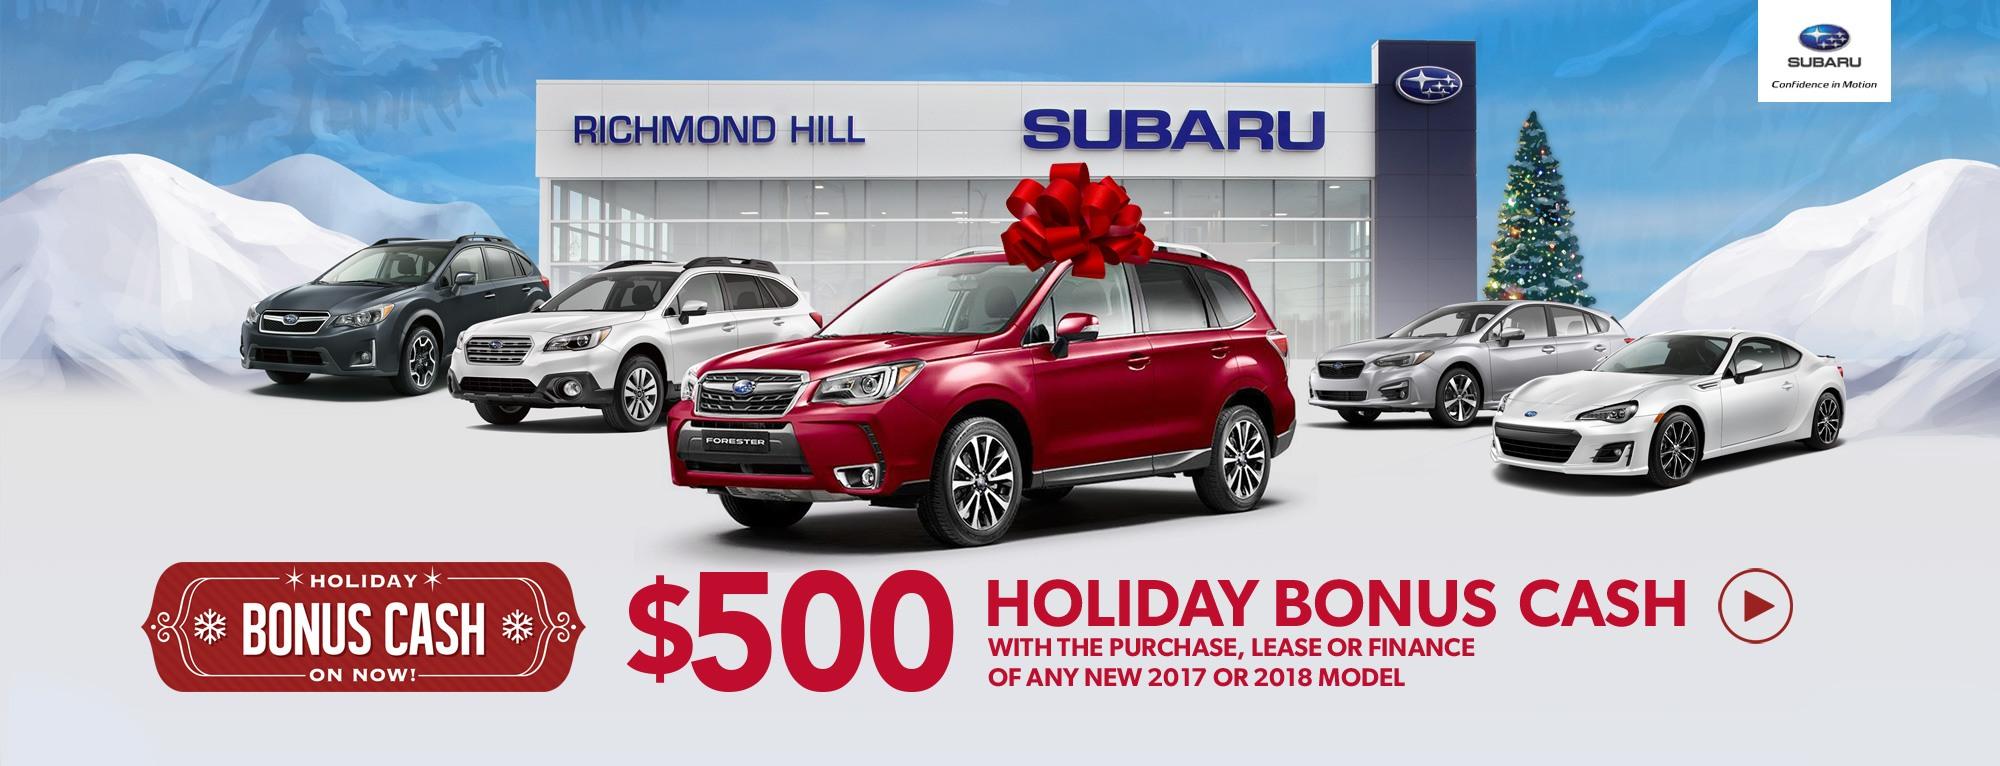 Subaru Holiday Bonus Cash